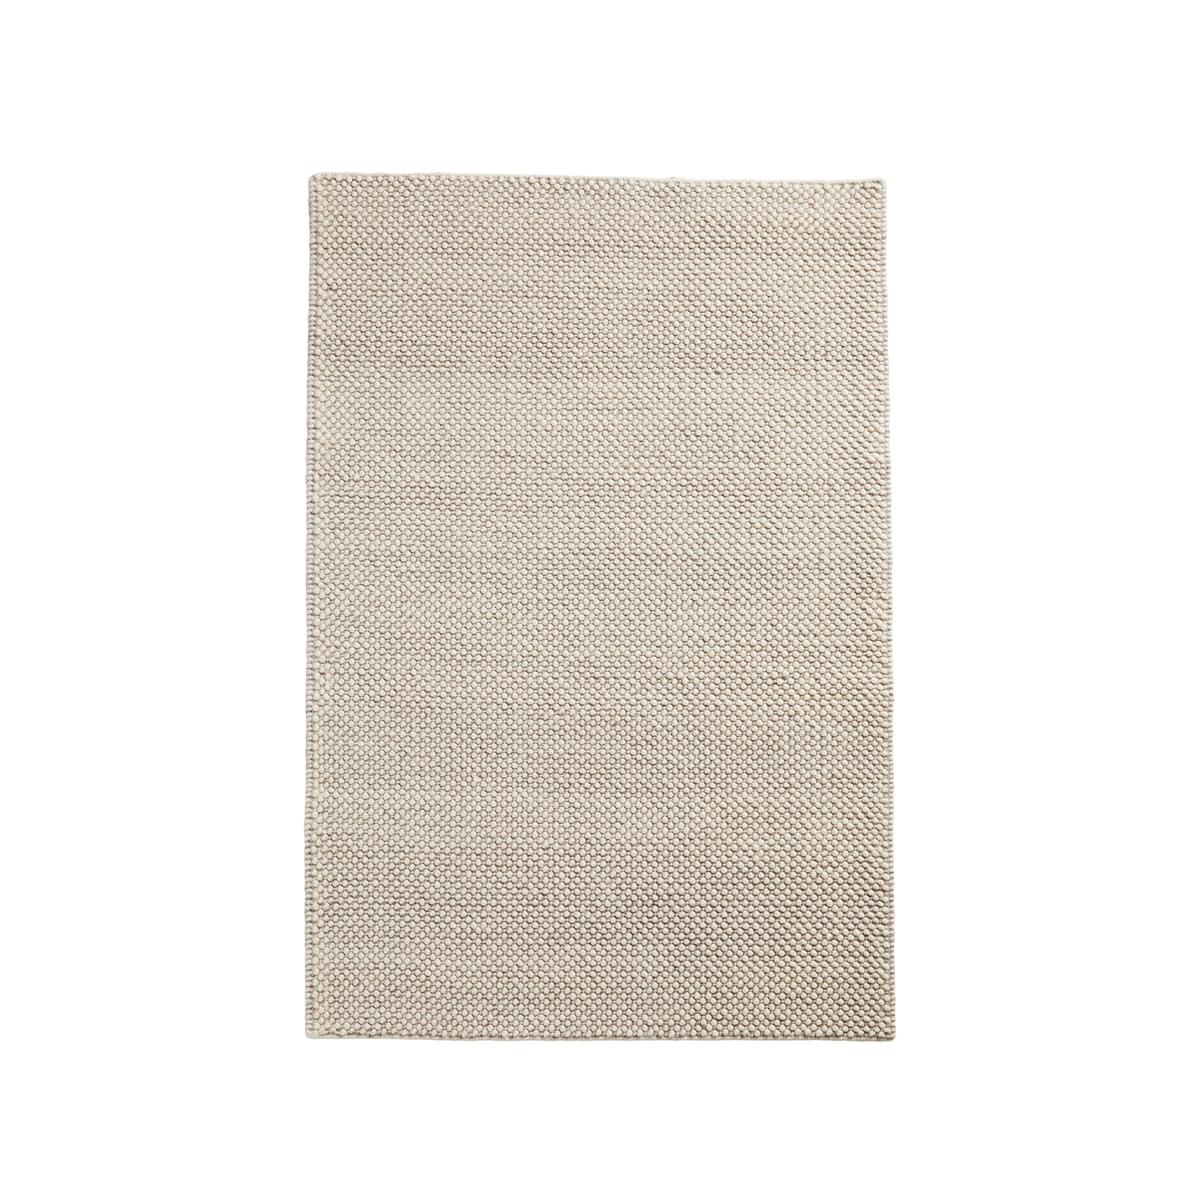 Tapis Long Poil Blanc woud - tapis à poils, 90 x 140 cm, blanc cassé